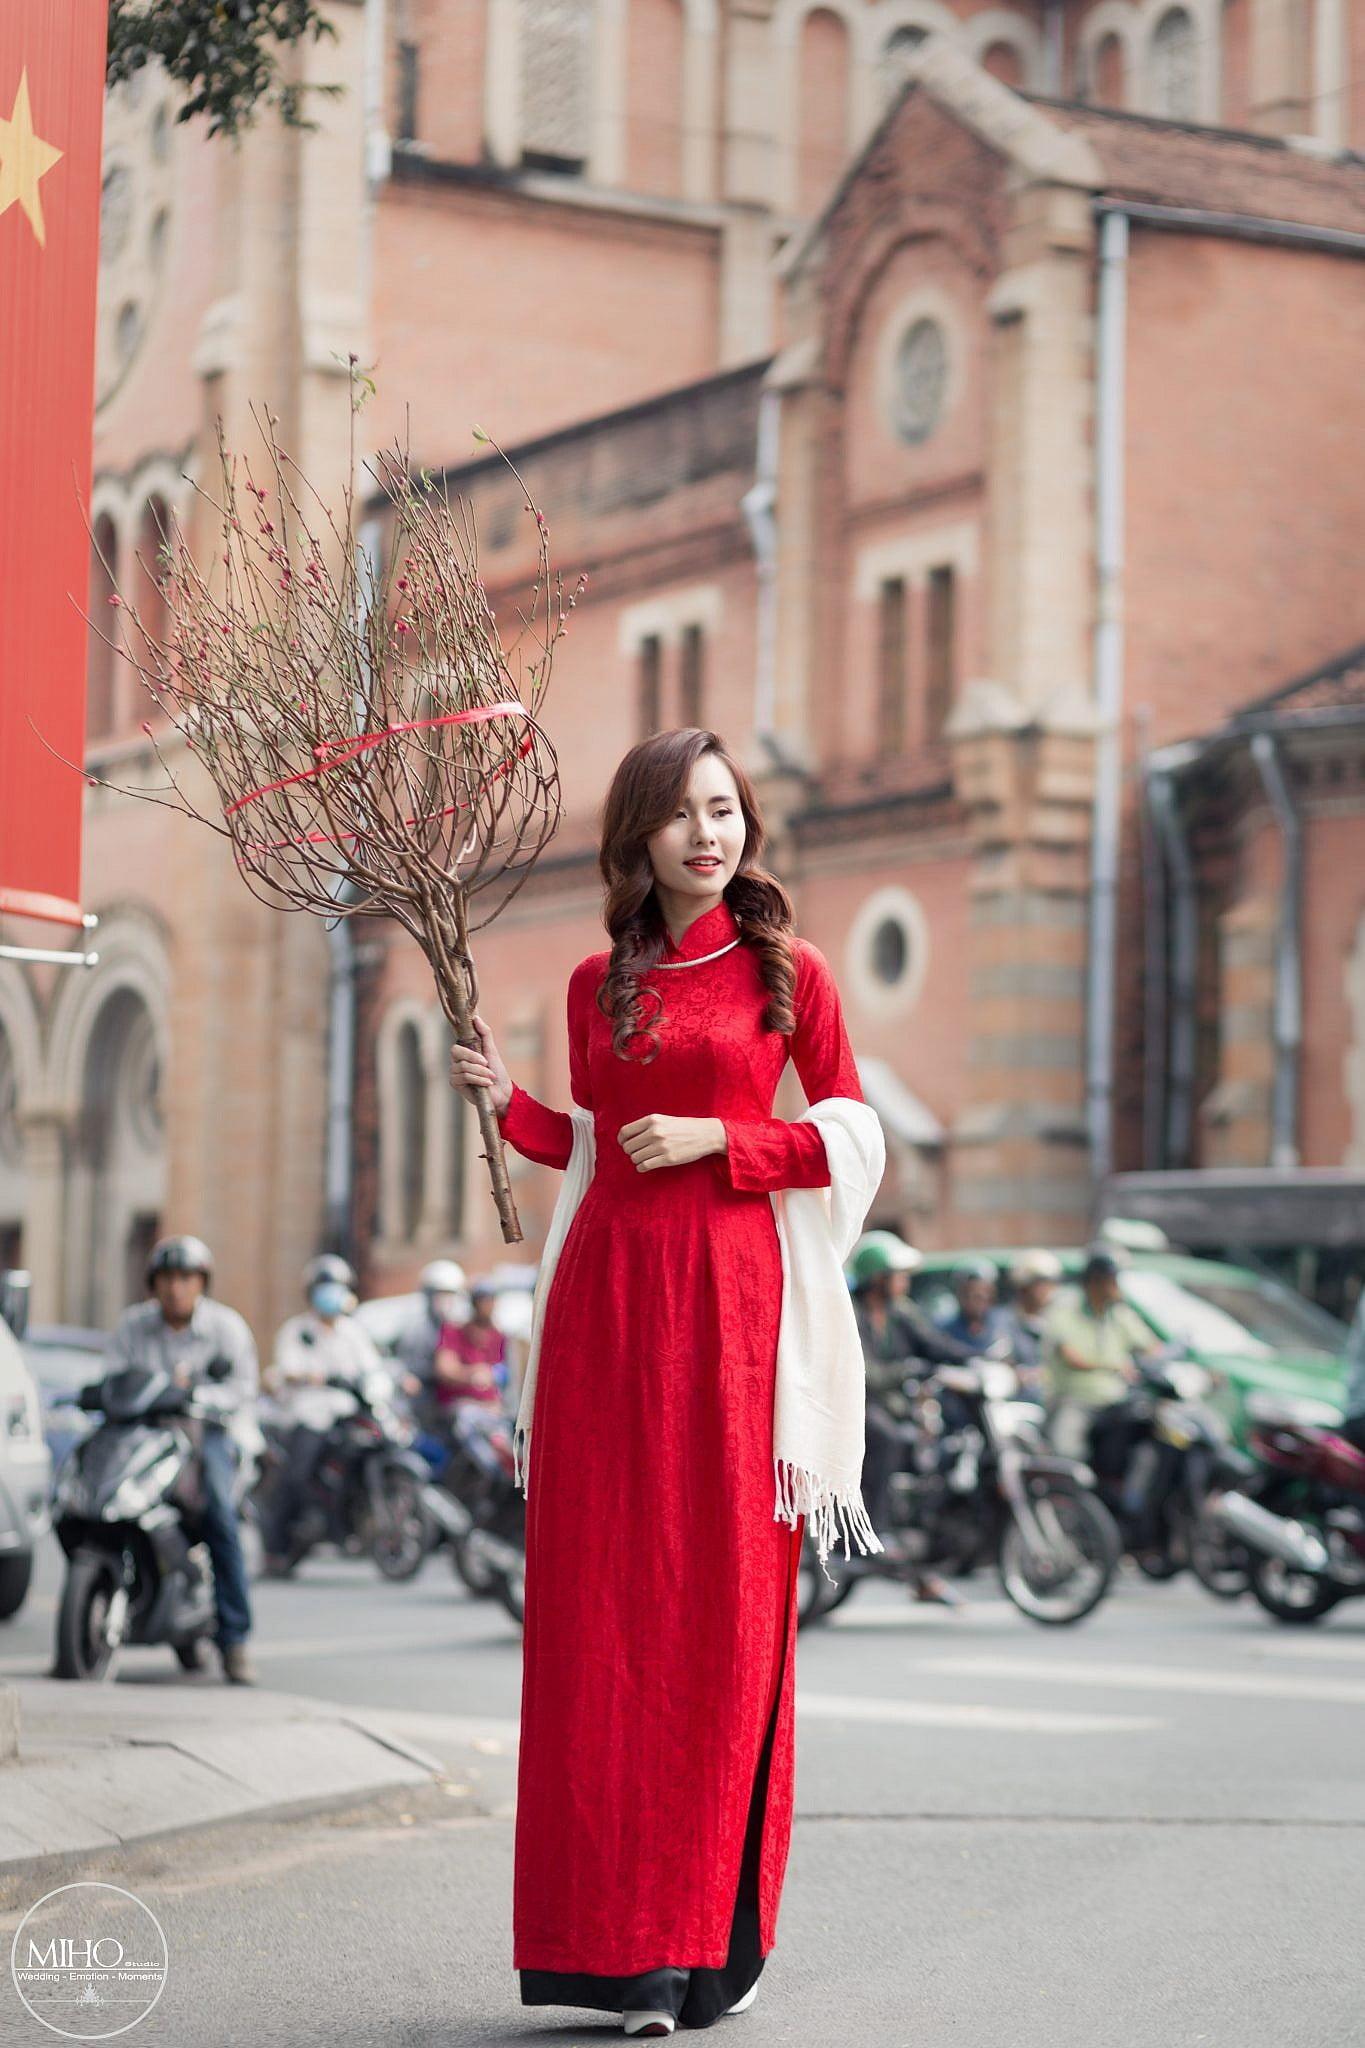 IMG 2420 min - Địa điểm chụp ảnh áo dài đẹp ở Thành phố Hồ Chí Minh